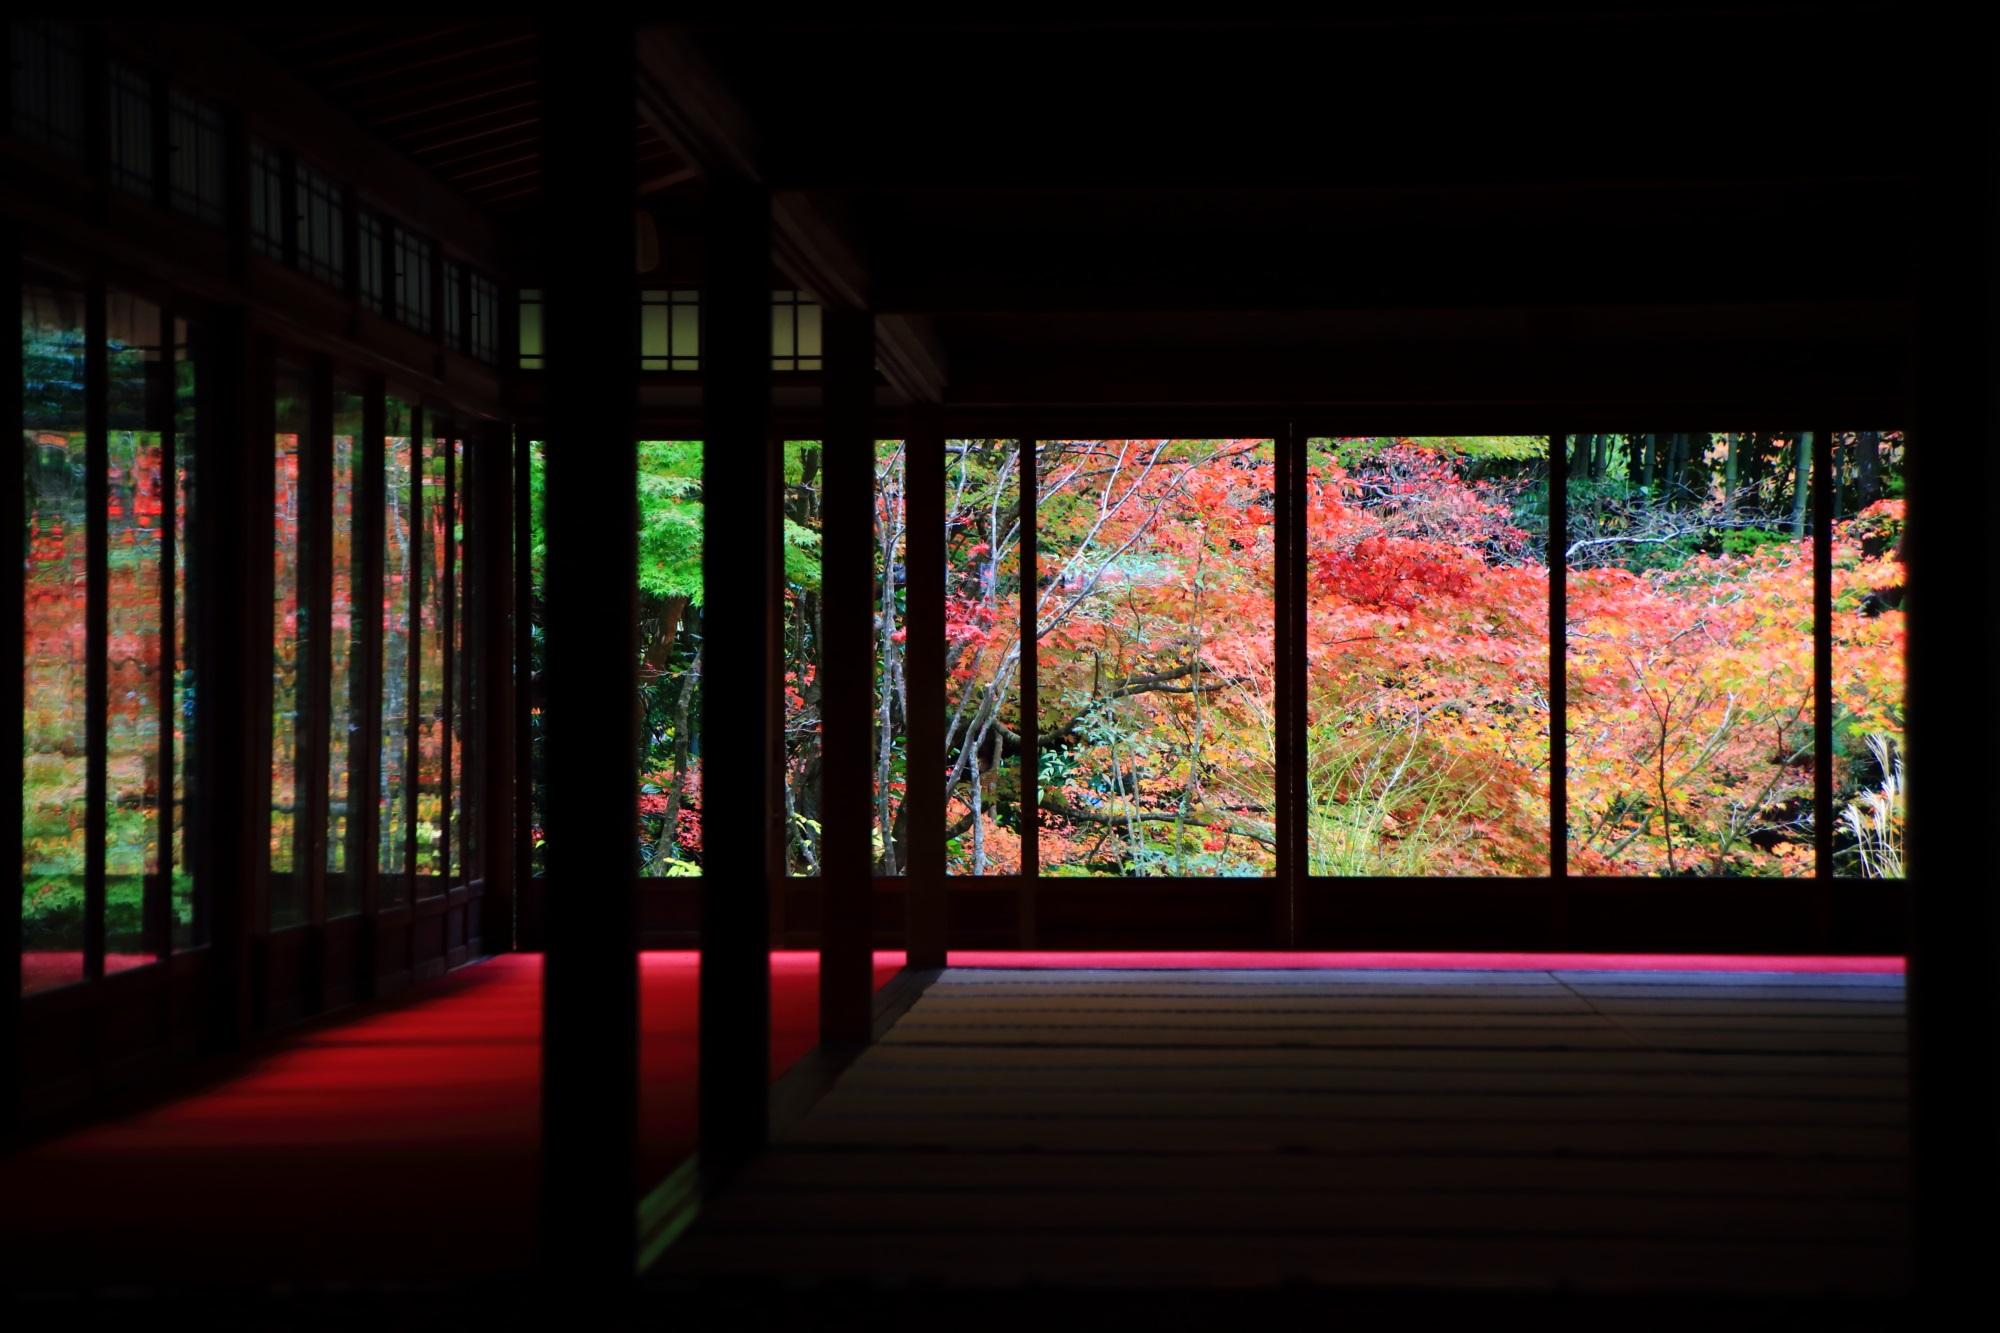 天授庵の池泉回遊式の書院南庭の紅葉